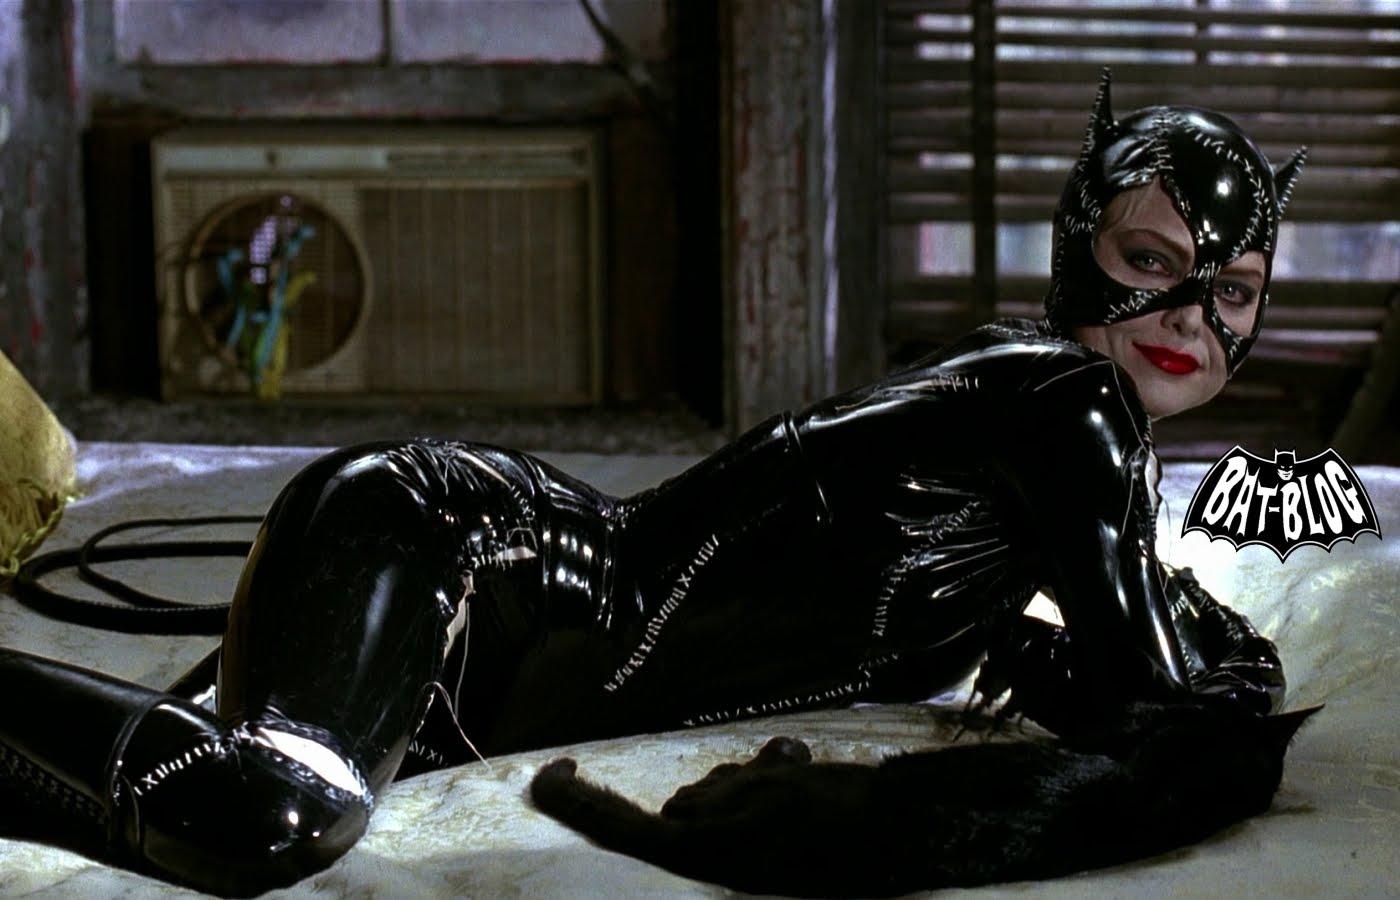 http://2.bp.blogspot.com/-WJq1WTae_3A/TcKhJsFDt0I/AAAAAAAAPGg/CunoGOTqmno/s1600/wallpaper_catwoman_batman_returns_2.jpg